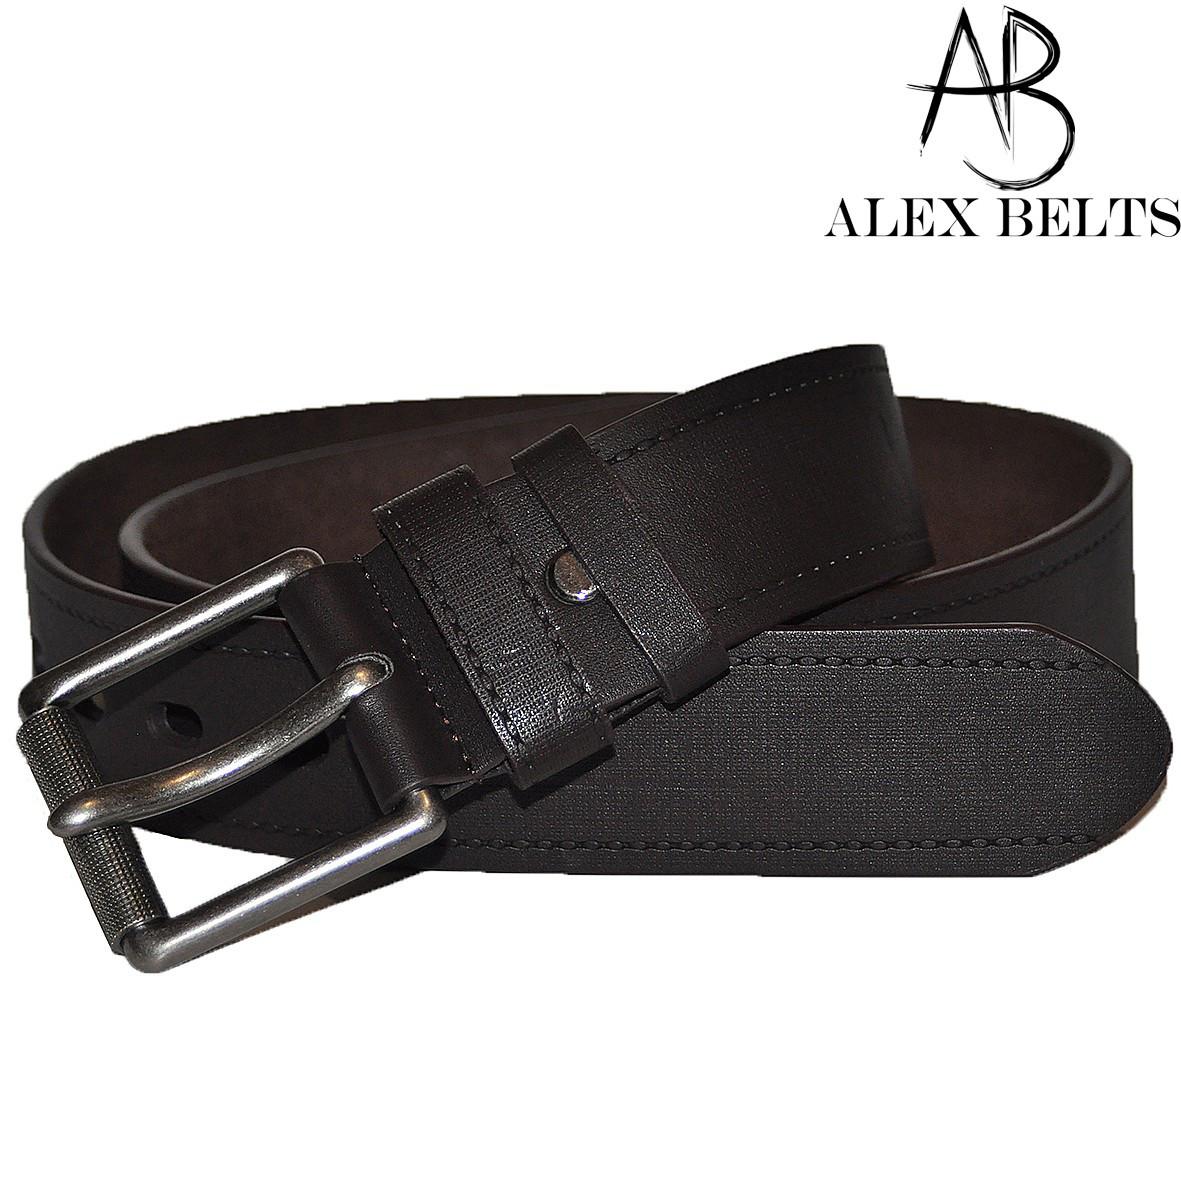 Ремень мужской джинсовый(тёмно коричневый) заменитель  45 мм - купить оптом в Одессе